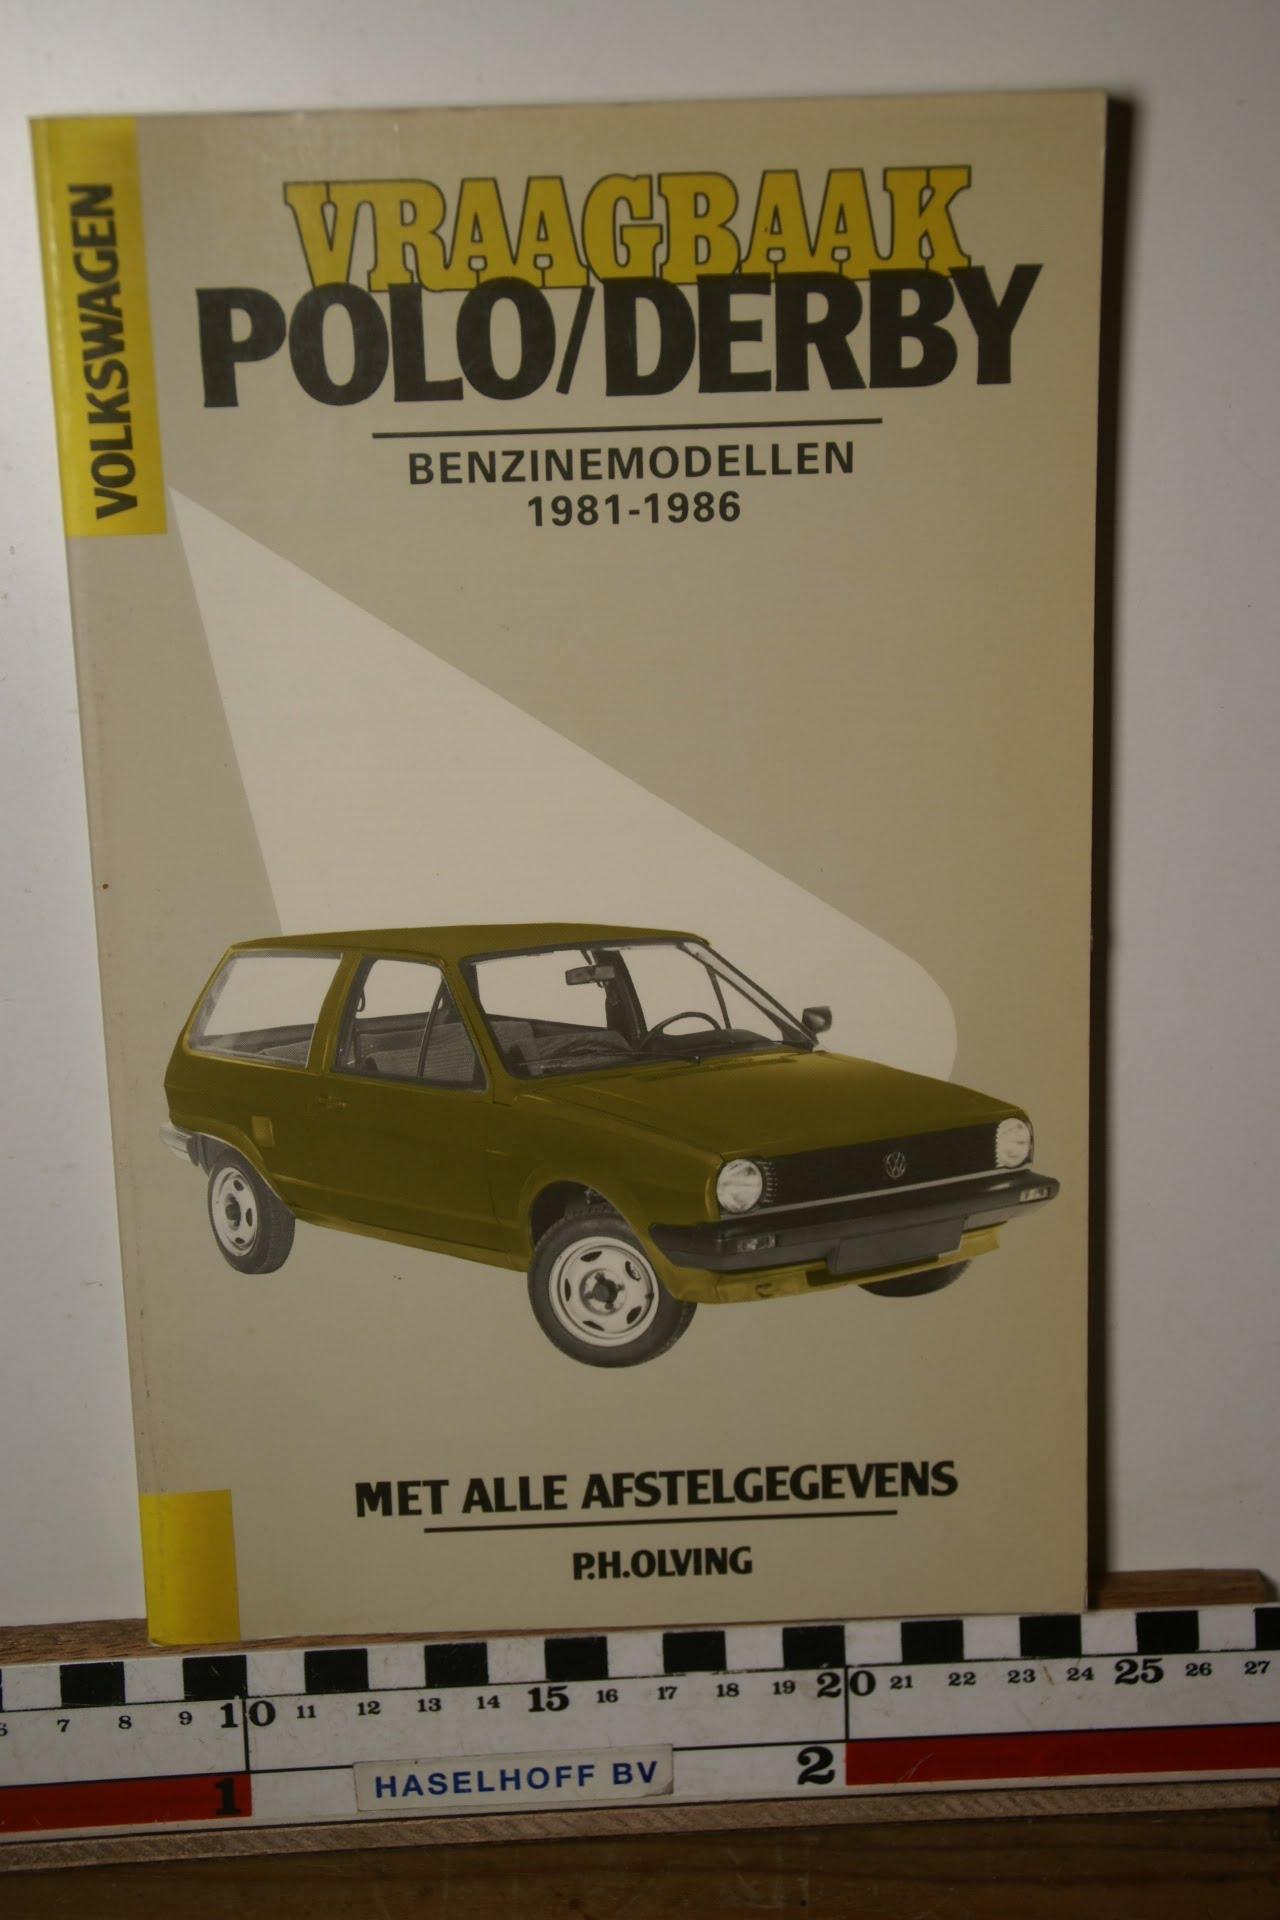 Olving vraagbaak Volkswagen Polo Derby benzine 18005-3700-0